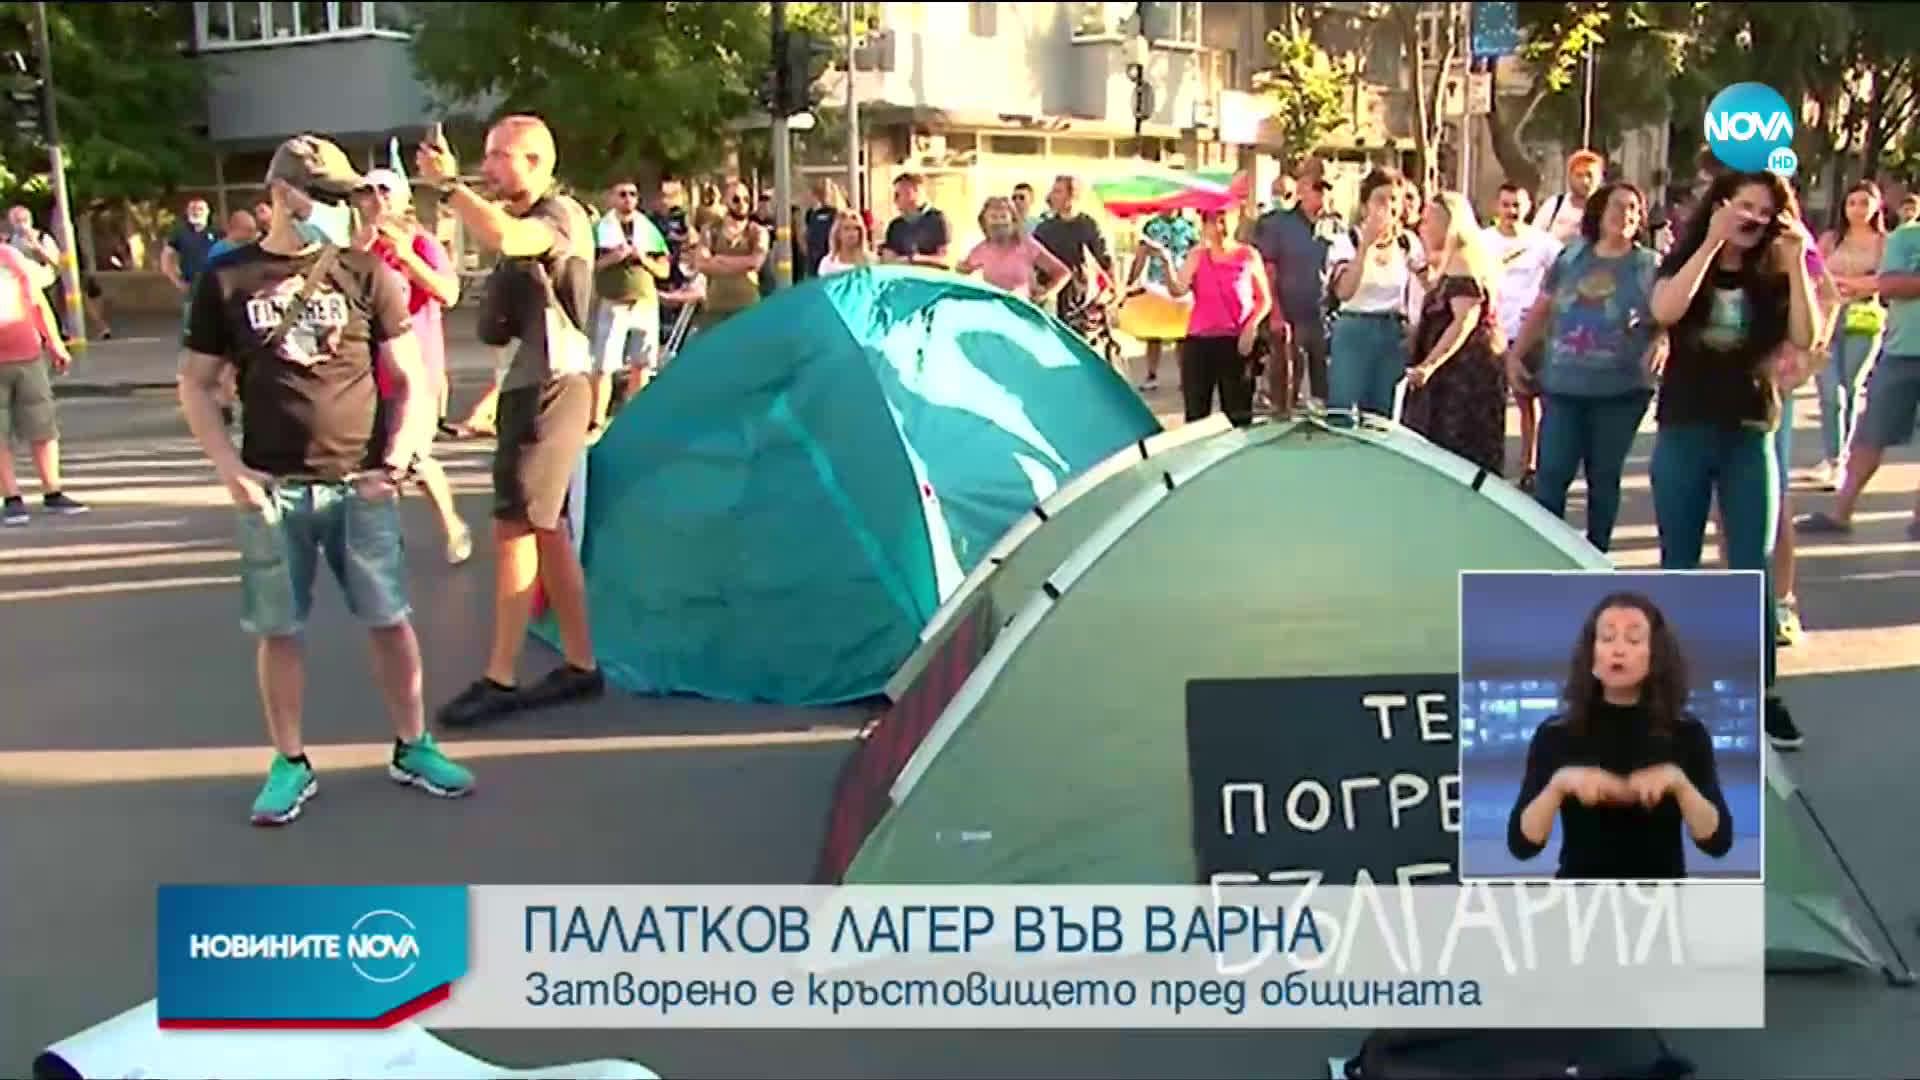 Палатки затвориха кръстовището пред общината във Варна